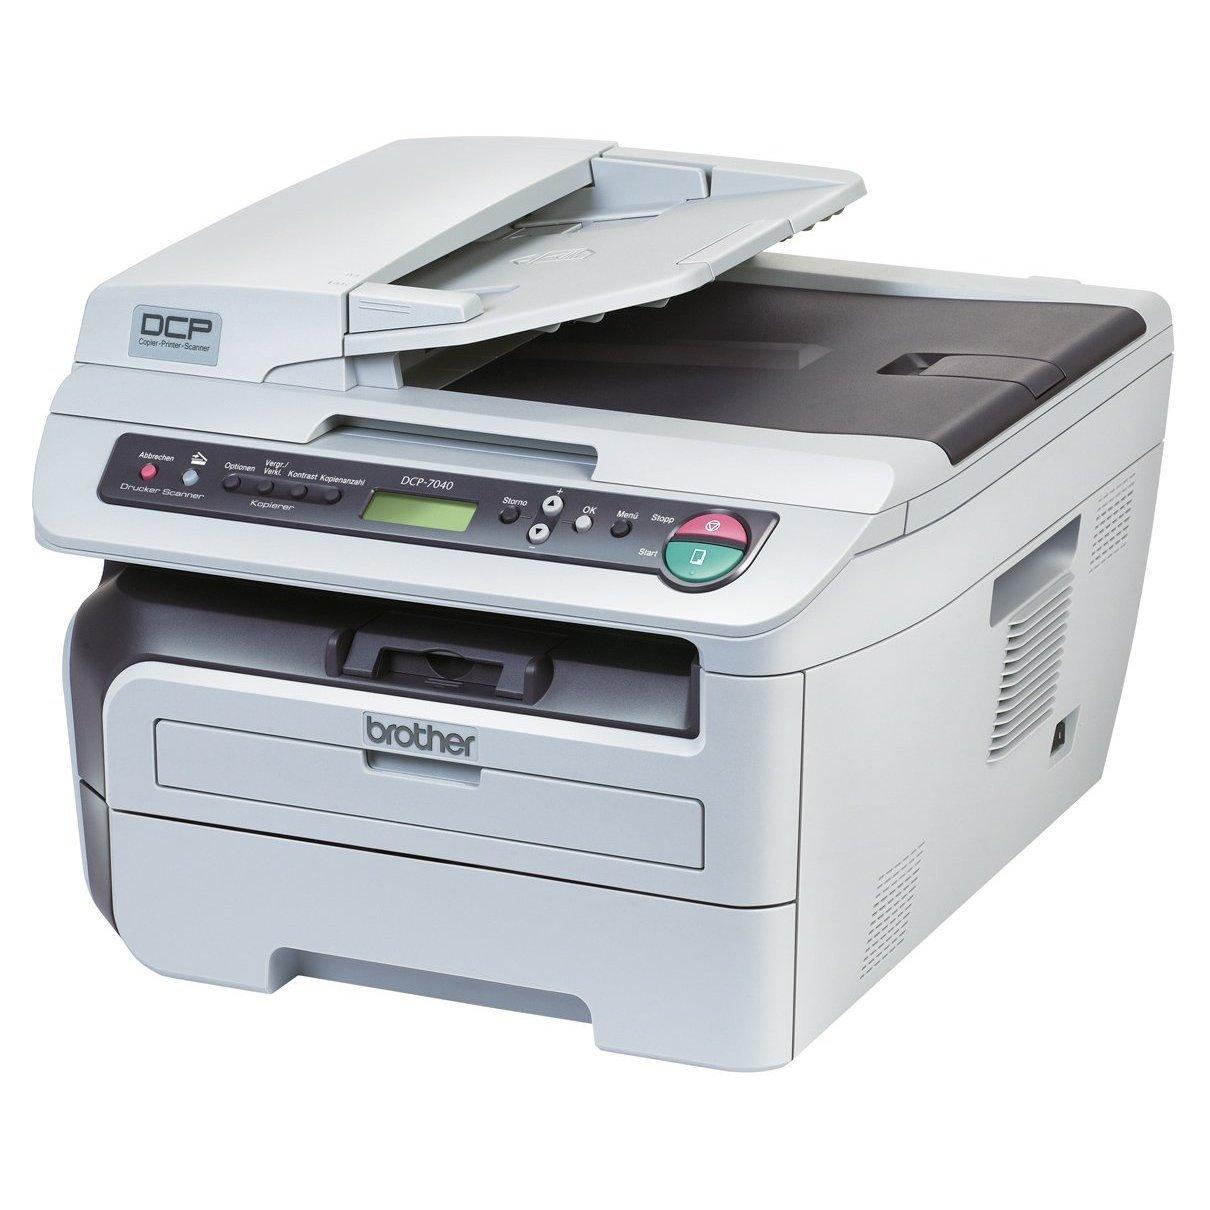 Brother DCP-7040 - Impresora multifunción láser (22 ppm, A4 ...